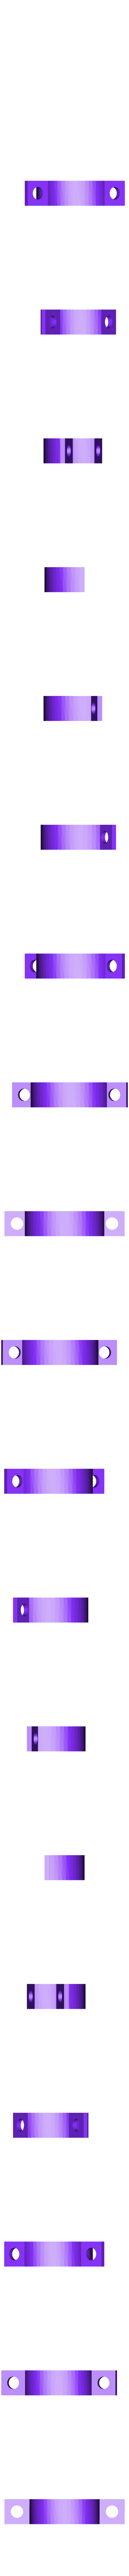 Motor_Holder_Bottom.STL Télécharger fichier STL gratuit Réducteur uniforme et évolutif (1:256) • Design imprimable en 3D, Ghashnarb